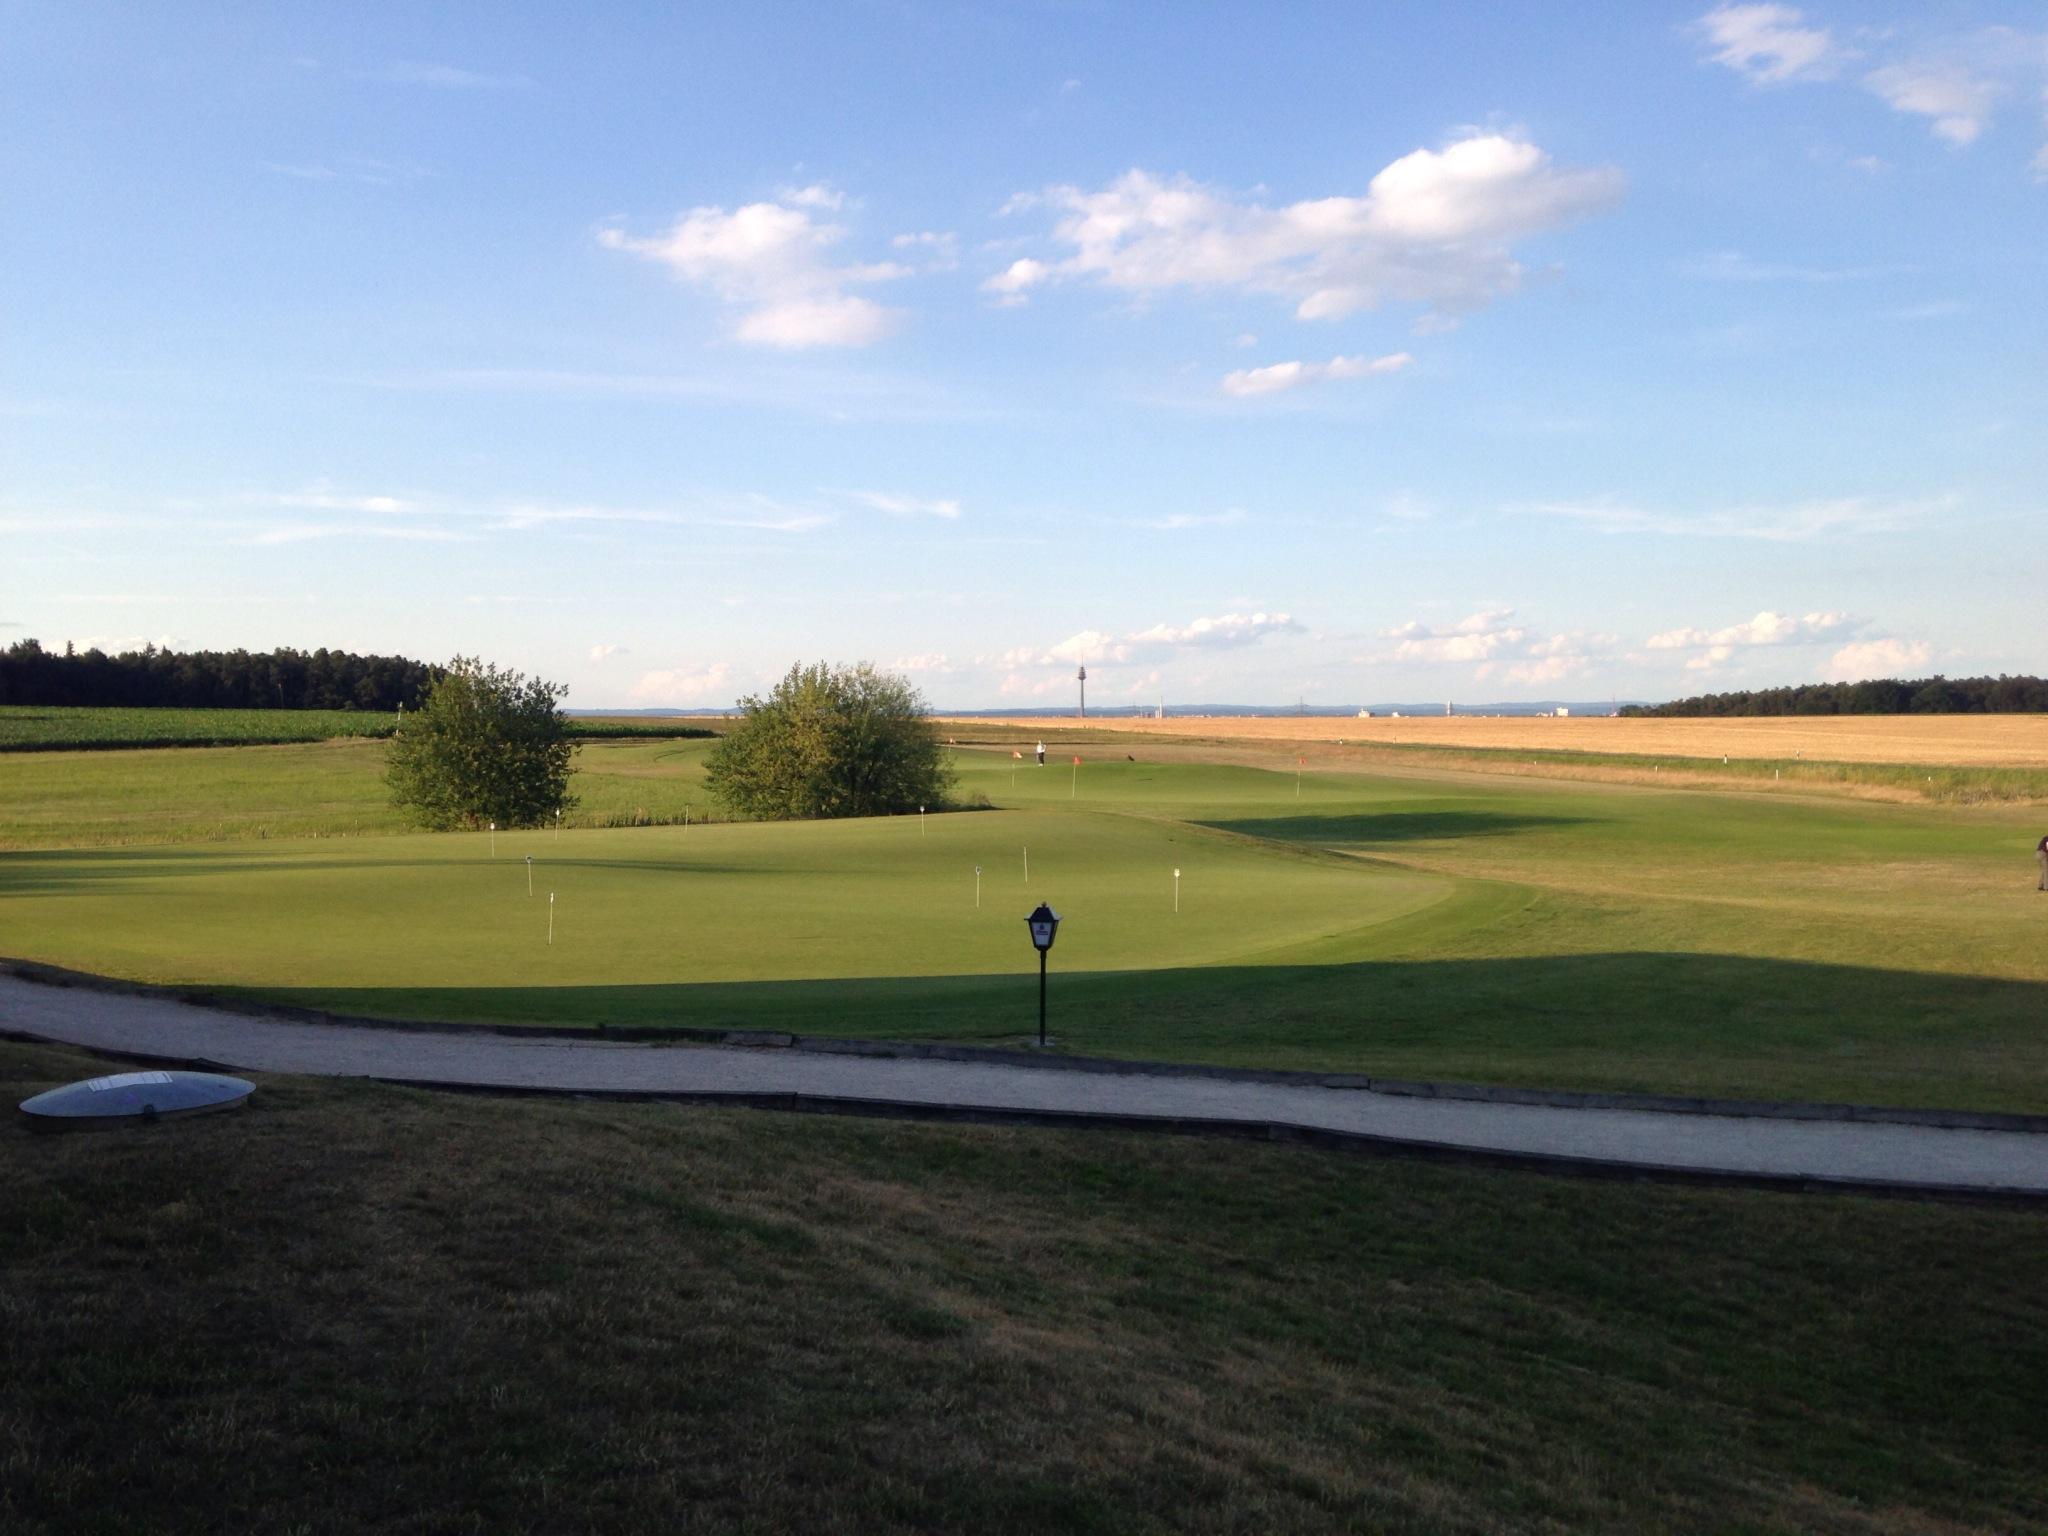 Overview of golf course named Golfrange Nurnberg